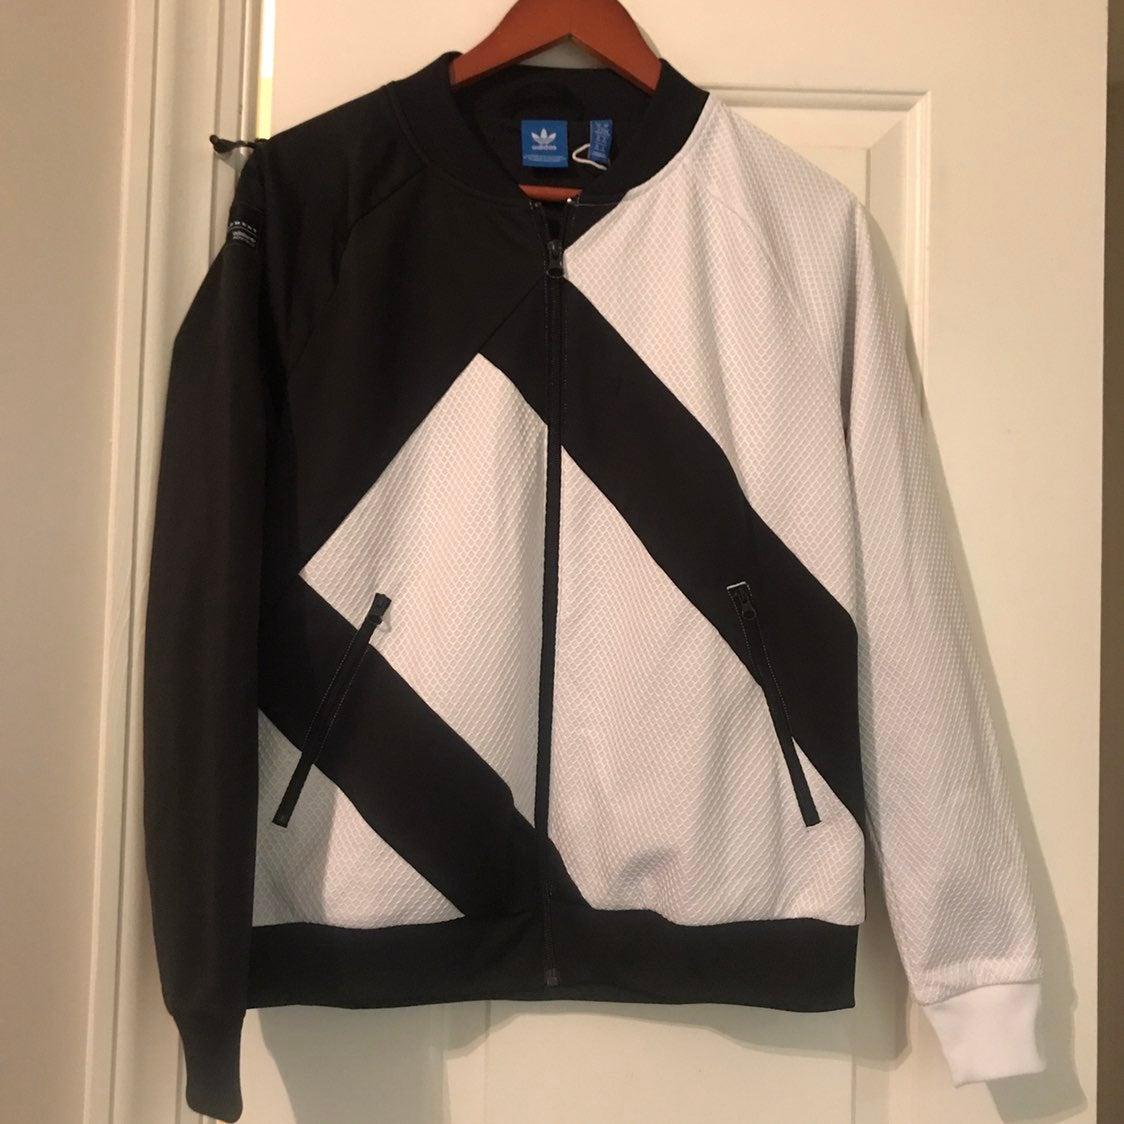 Adidas Originals EQT Jacket Mesh Black M